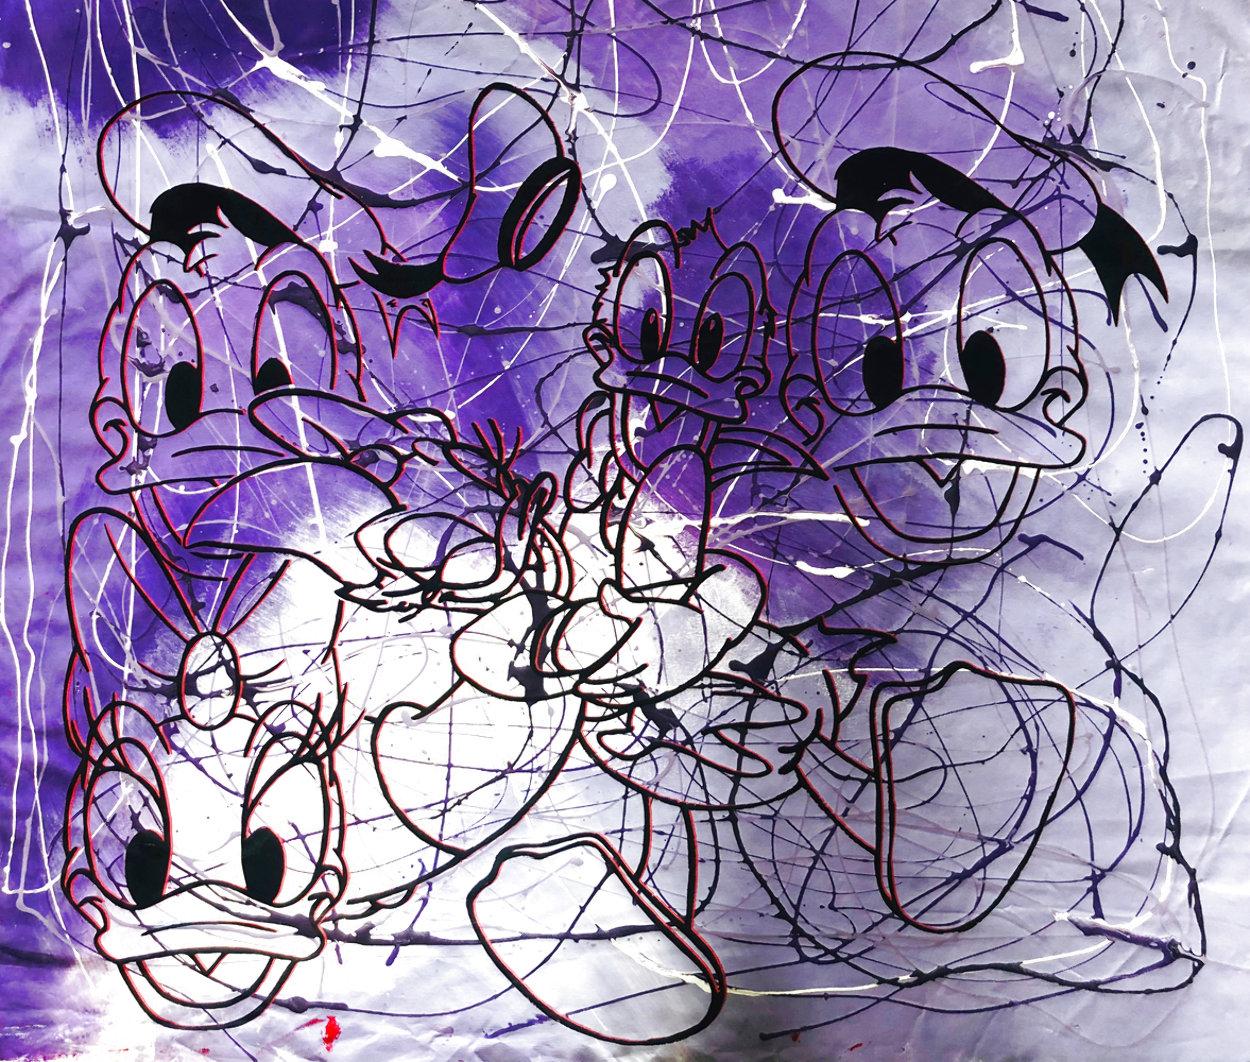 Disney Daisy Donald Duck Purple White Unique  1999 42x50 Original Painting by Steve Kaufman